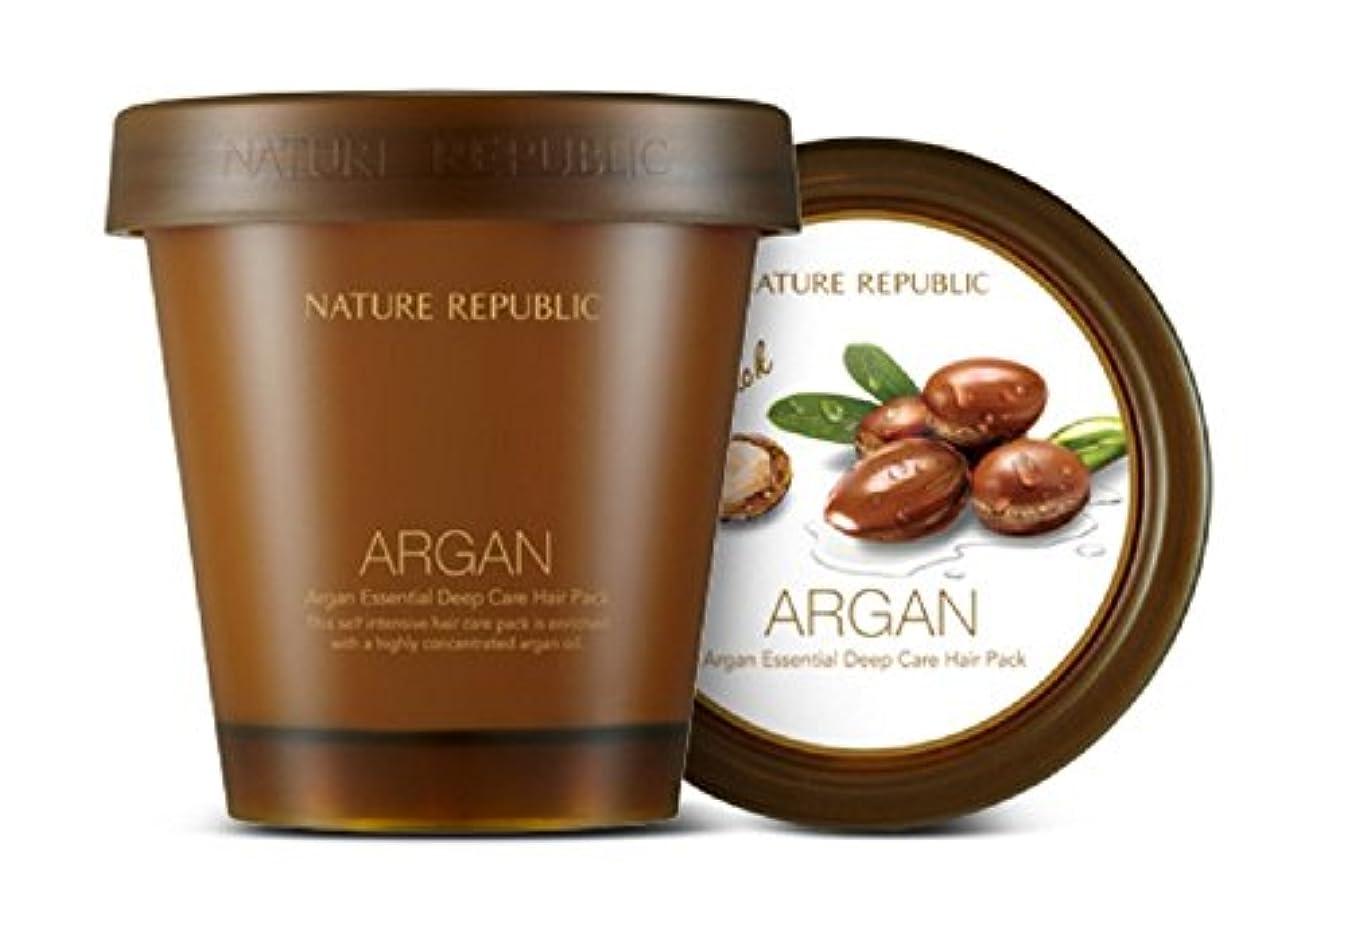 同時お祝い寸前【Nature Republic】アルガンエッセンシャルディープケアヘアパック(200ml)ARGAN ESSENTIAL Deep Care Hair Pack